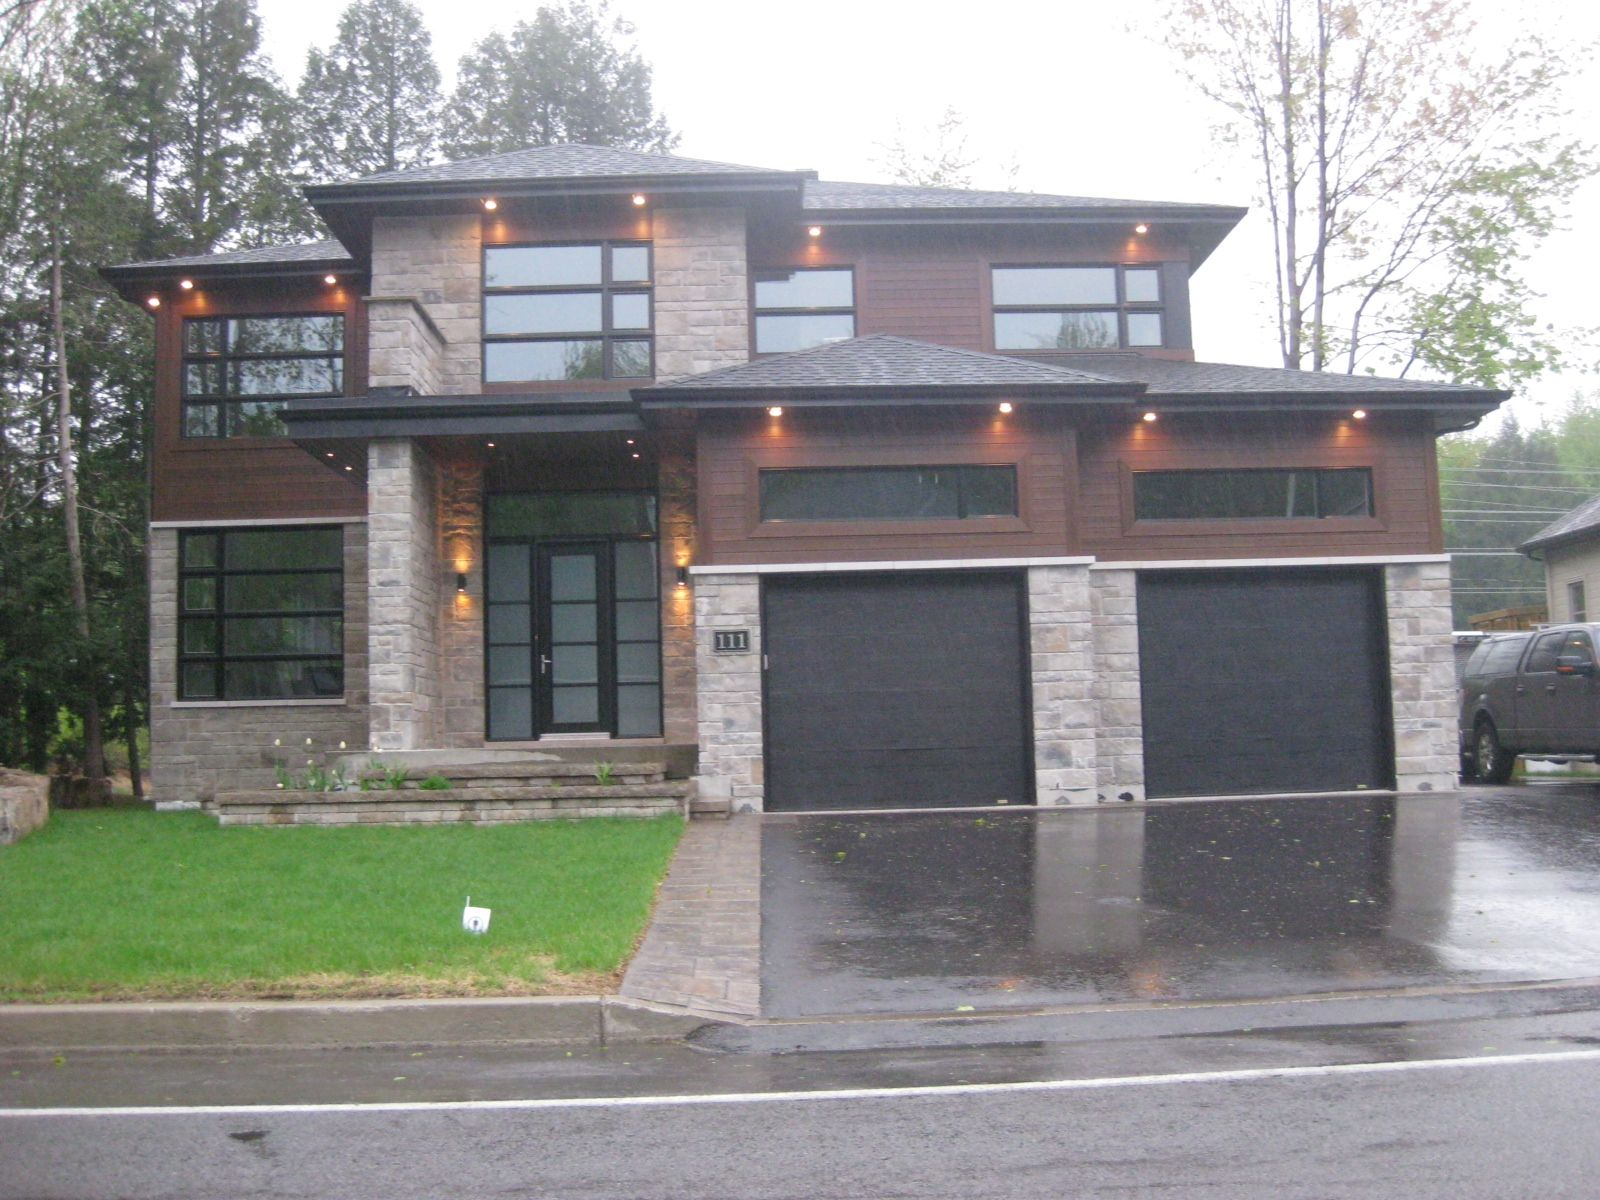 Maison moderne avec portes de garages noires. Fenêtres ...